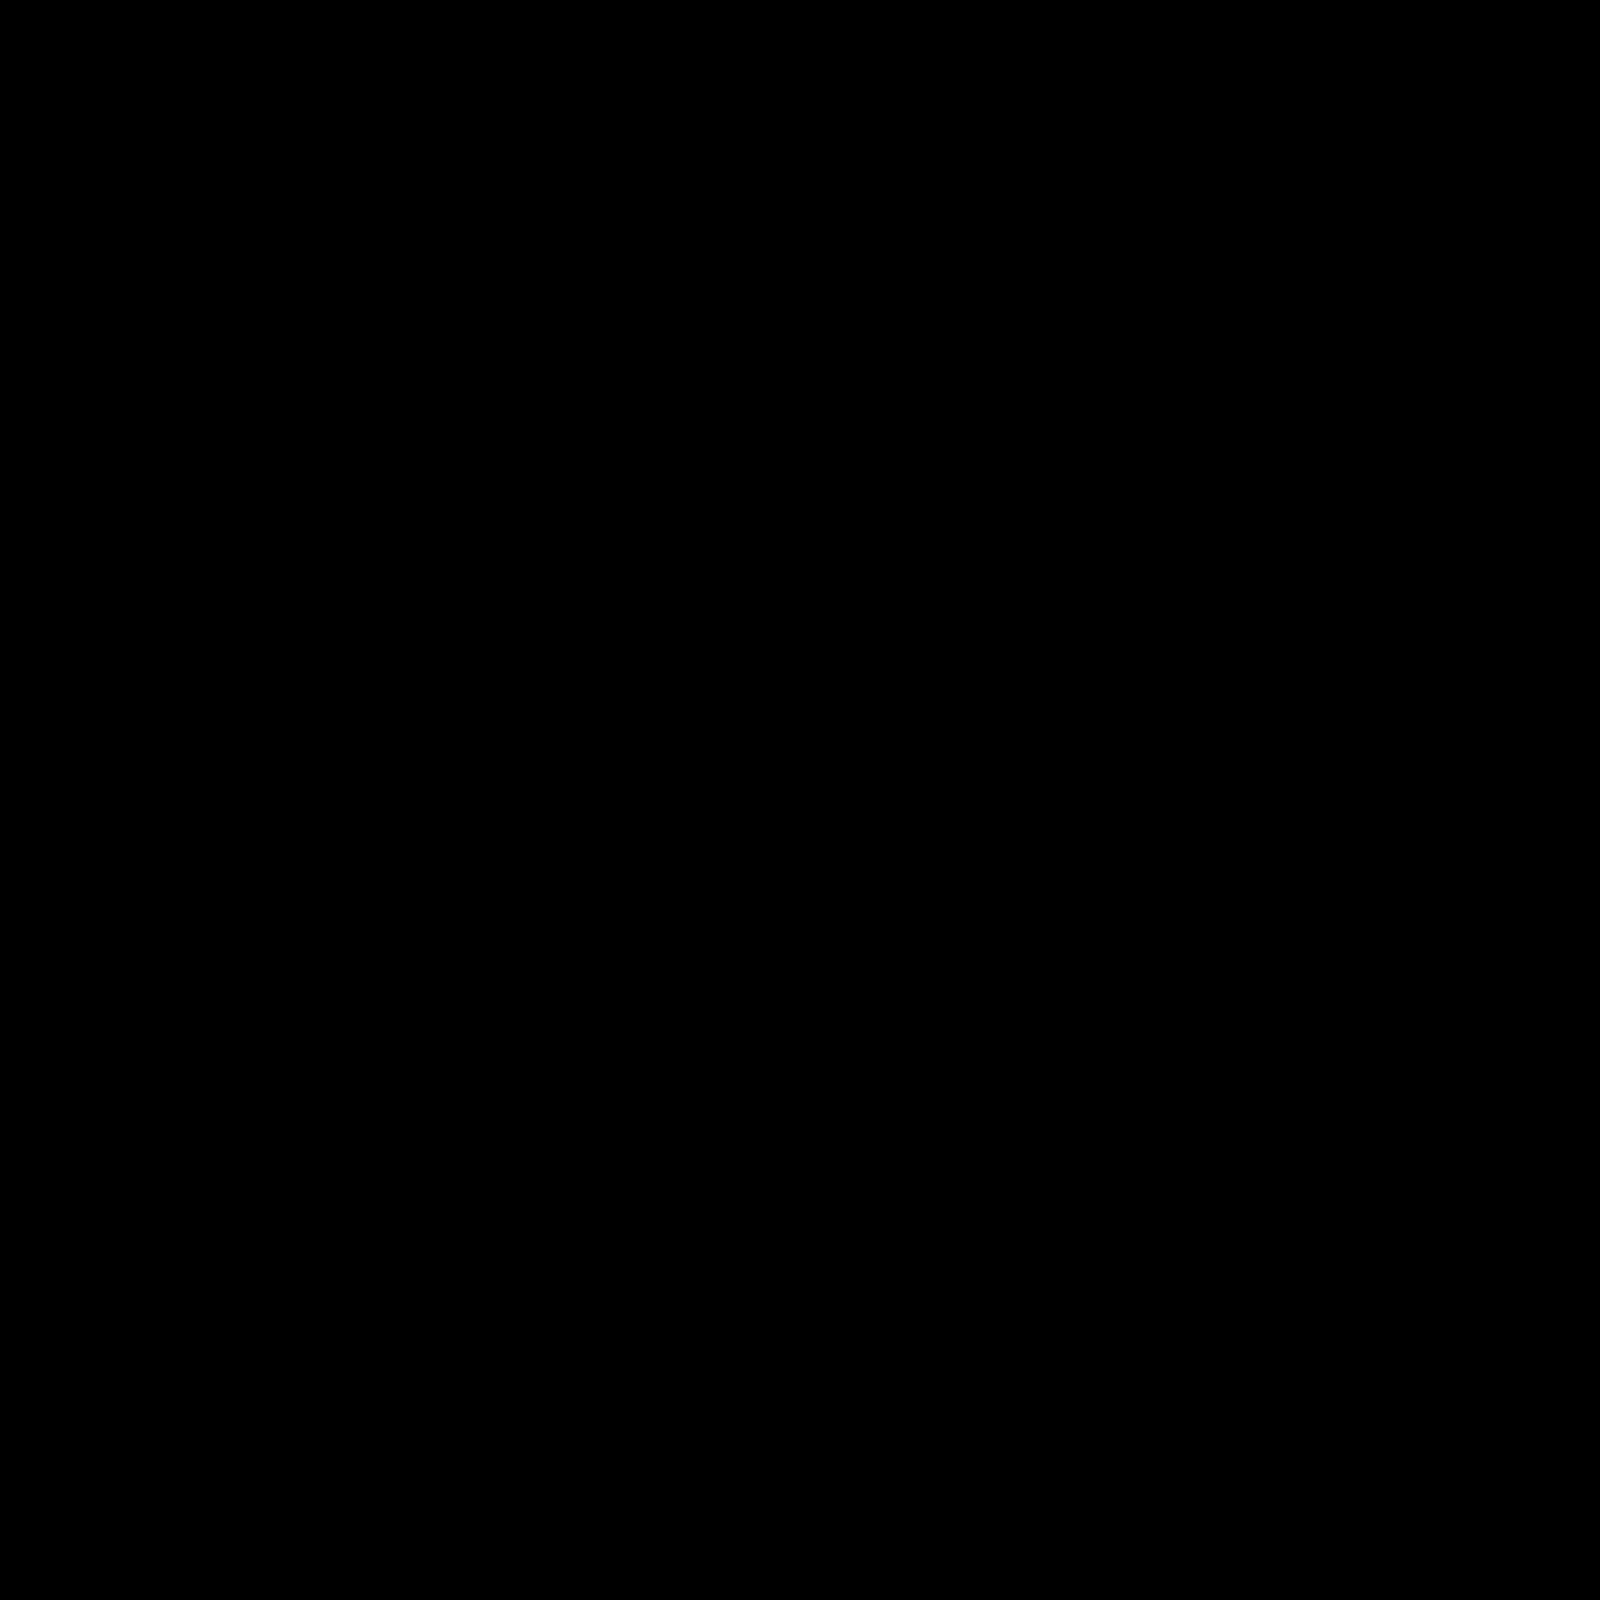 色スポイト icon. The icon is a simplified depiction of a color dropper. It consists of a pipette with a thin, tapered end, with a small attachment ring, and a rubber ball enabling a user to squeeze in order to pick up, then drop paint or dye.